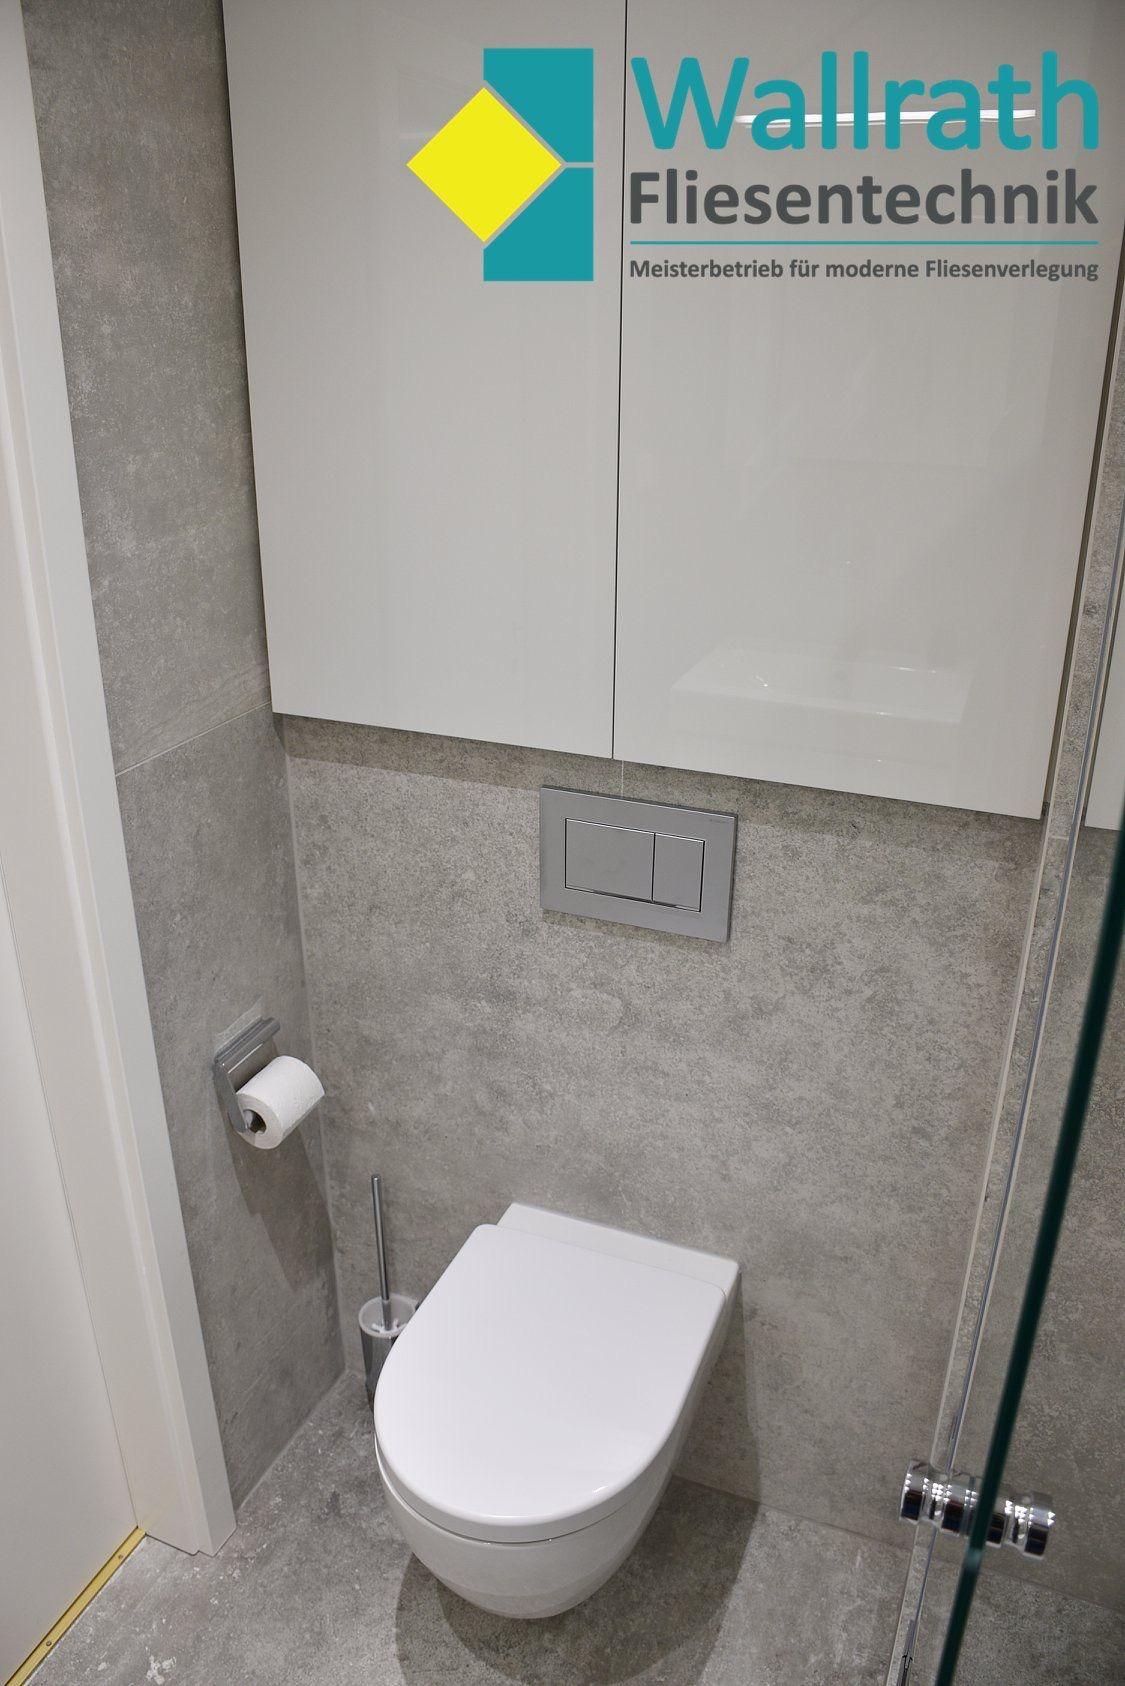 Komplettbad Sanierung Eines Badezimmers Auf Kleinstem Raum Hat Alles Seinen Perfekten Platz Und Es Bietet Den Besten Und Gr Grosse Fliesen Badezimmer Neues Bad